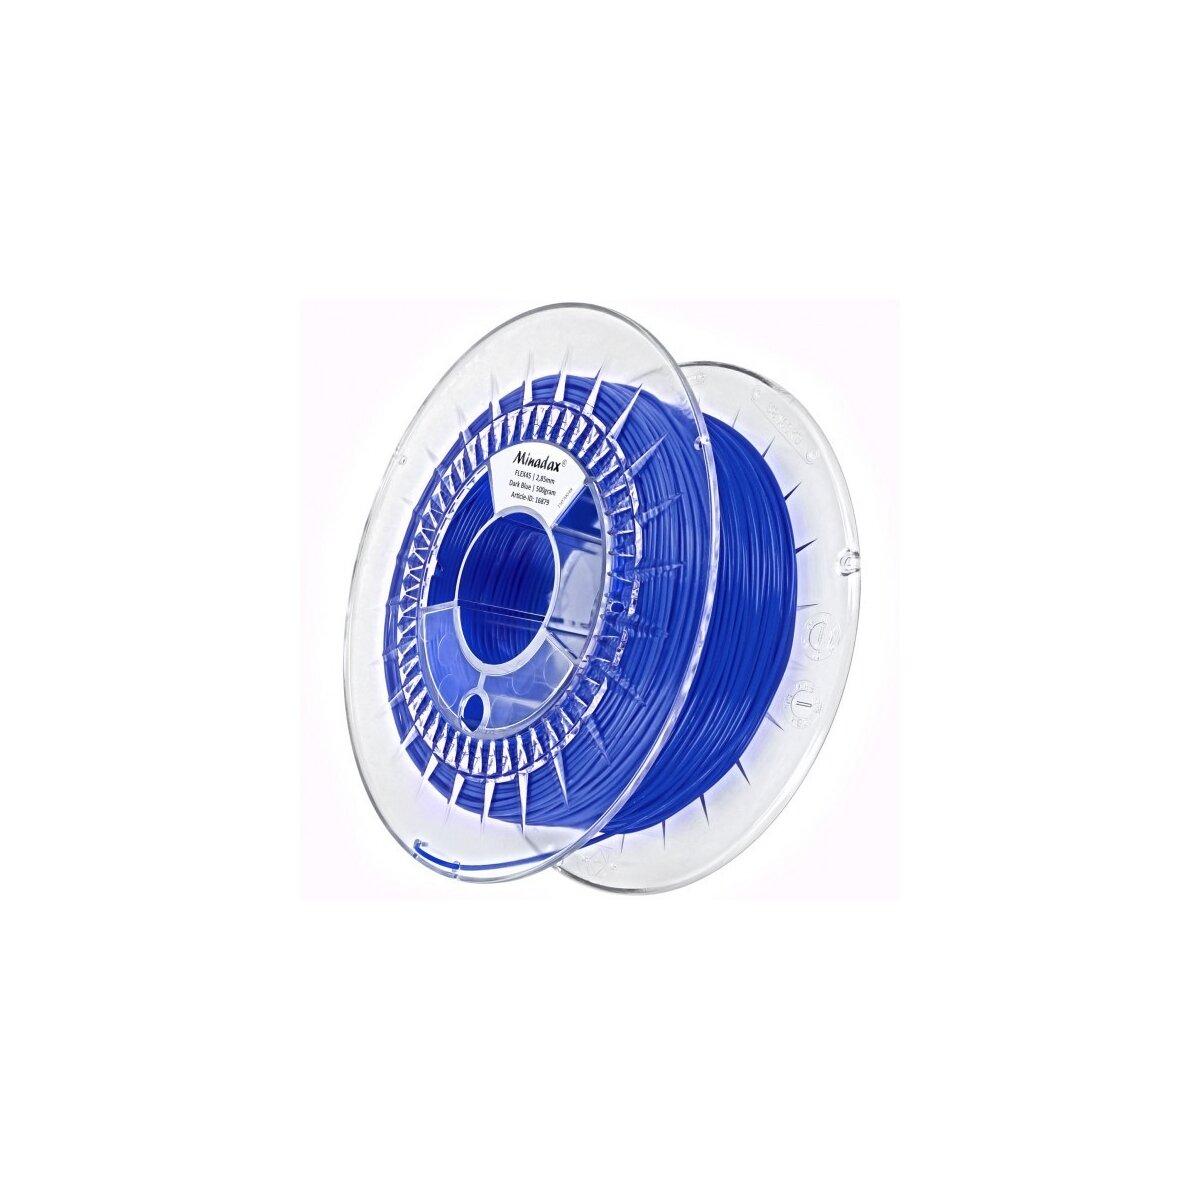 Minadax® 0,5kg Premium Qualitaet 2,85mm 3mm FLEX-Filament dunkelblau fuer 3D-Drucker hergestellt in Europa